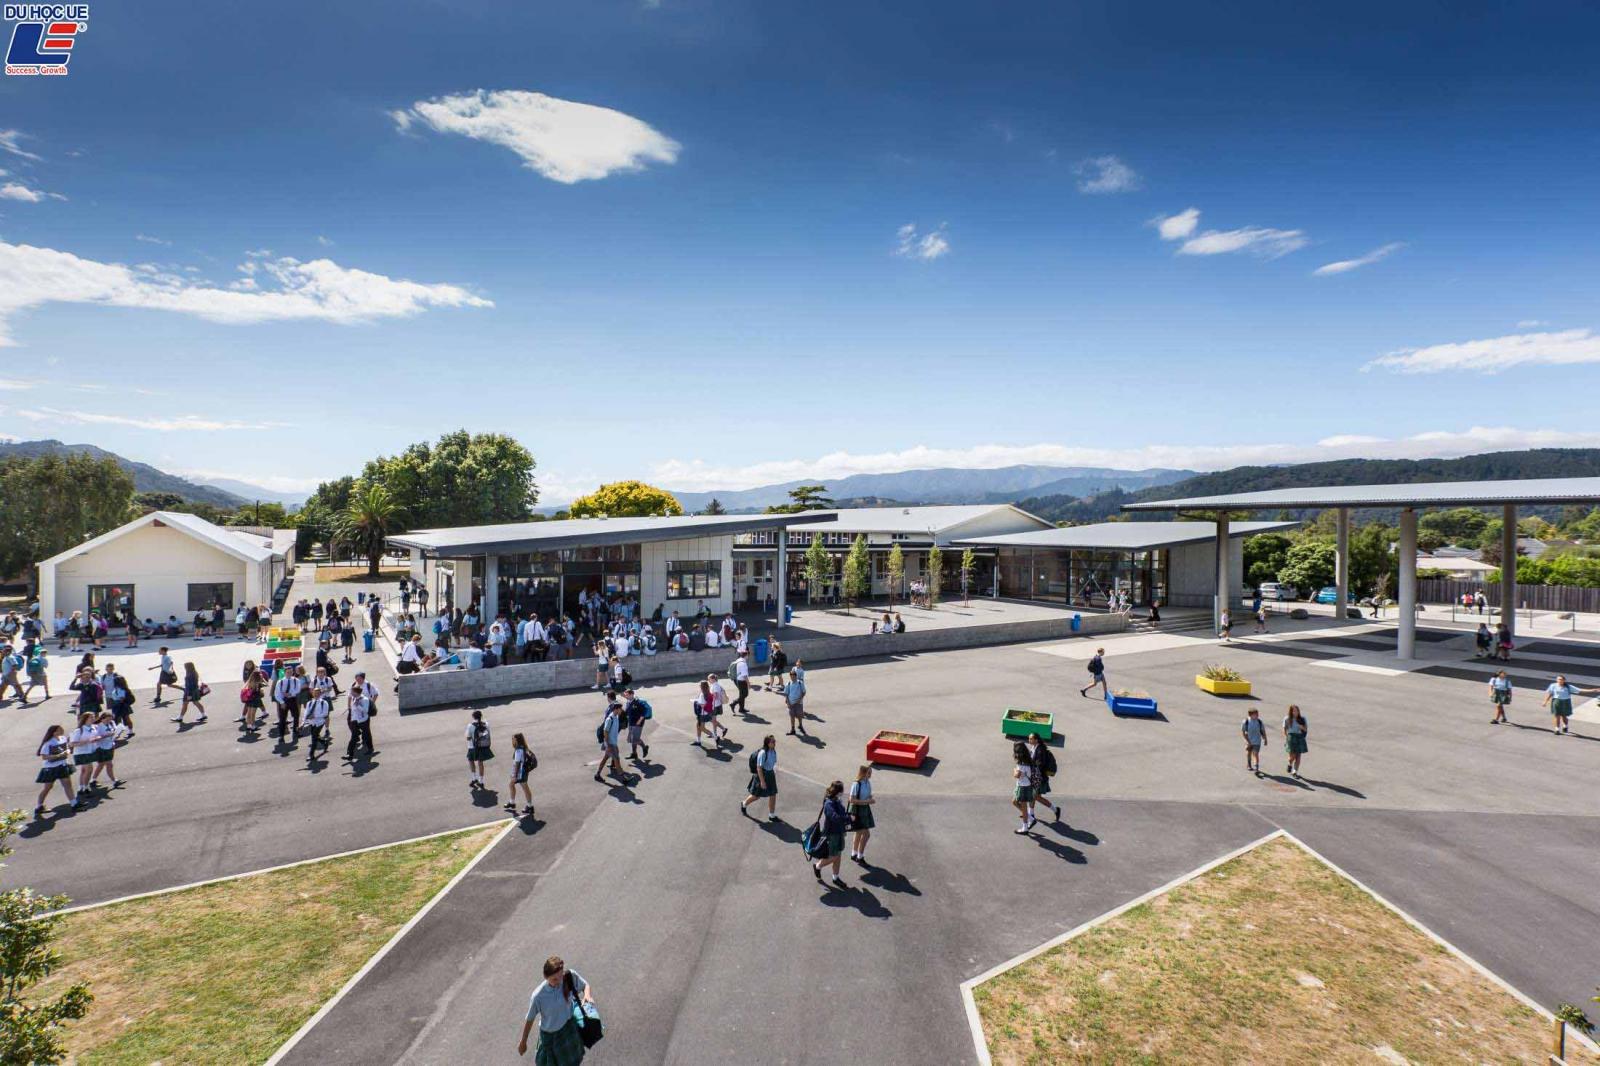 Học bổng hấp dẫn của chính phủ New Zealand dành cho chương trình trung học phổ thông vào trường Upper Hutt College